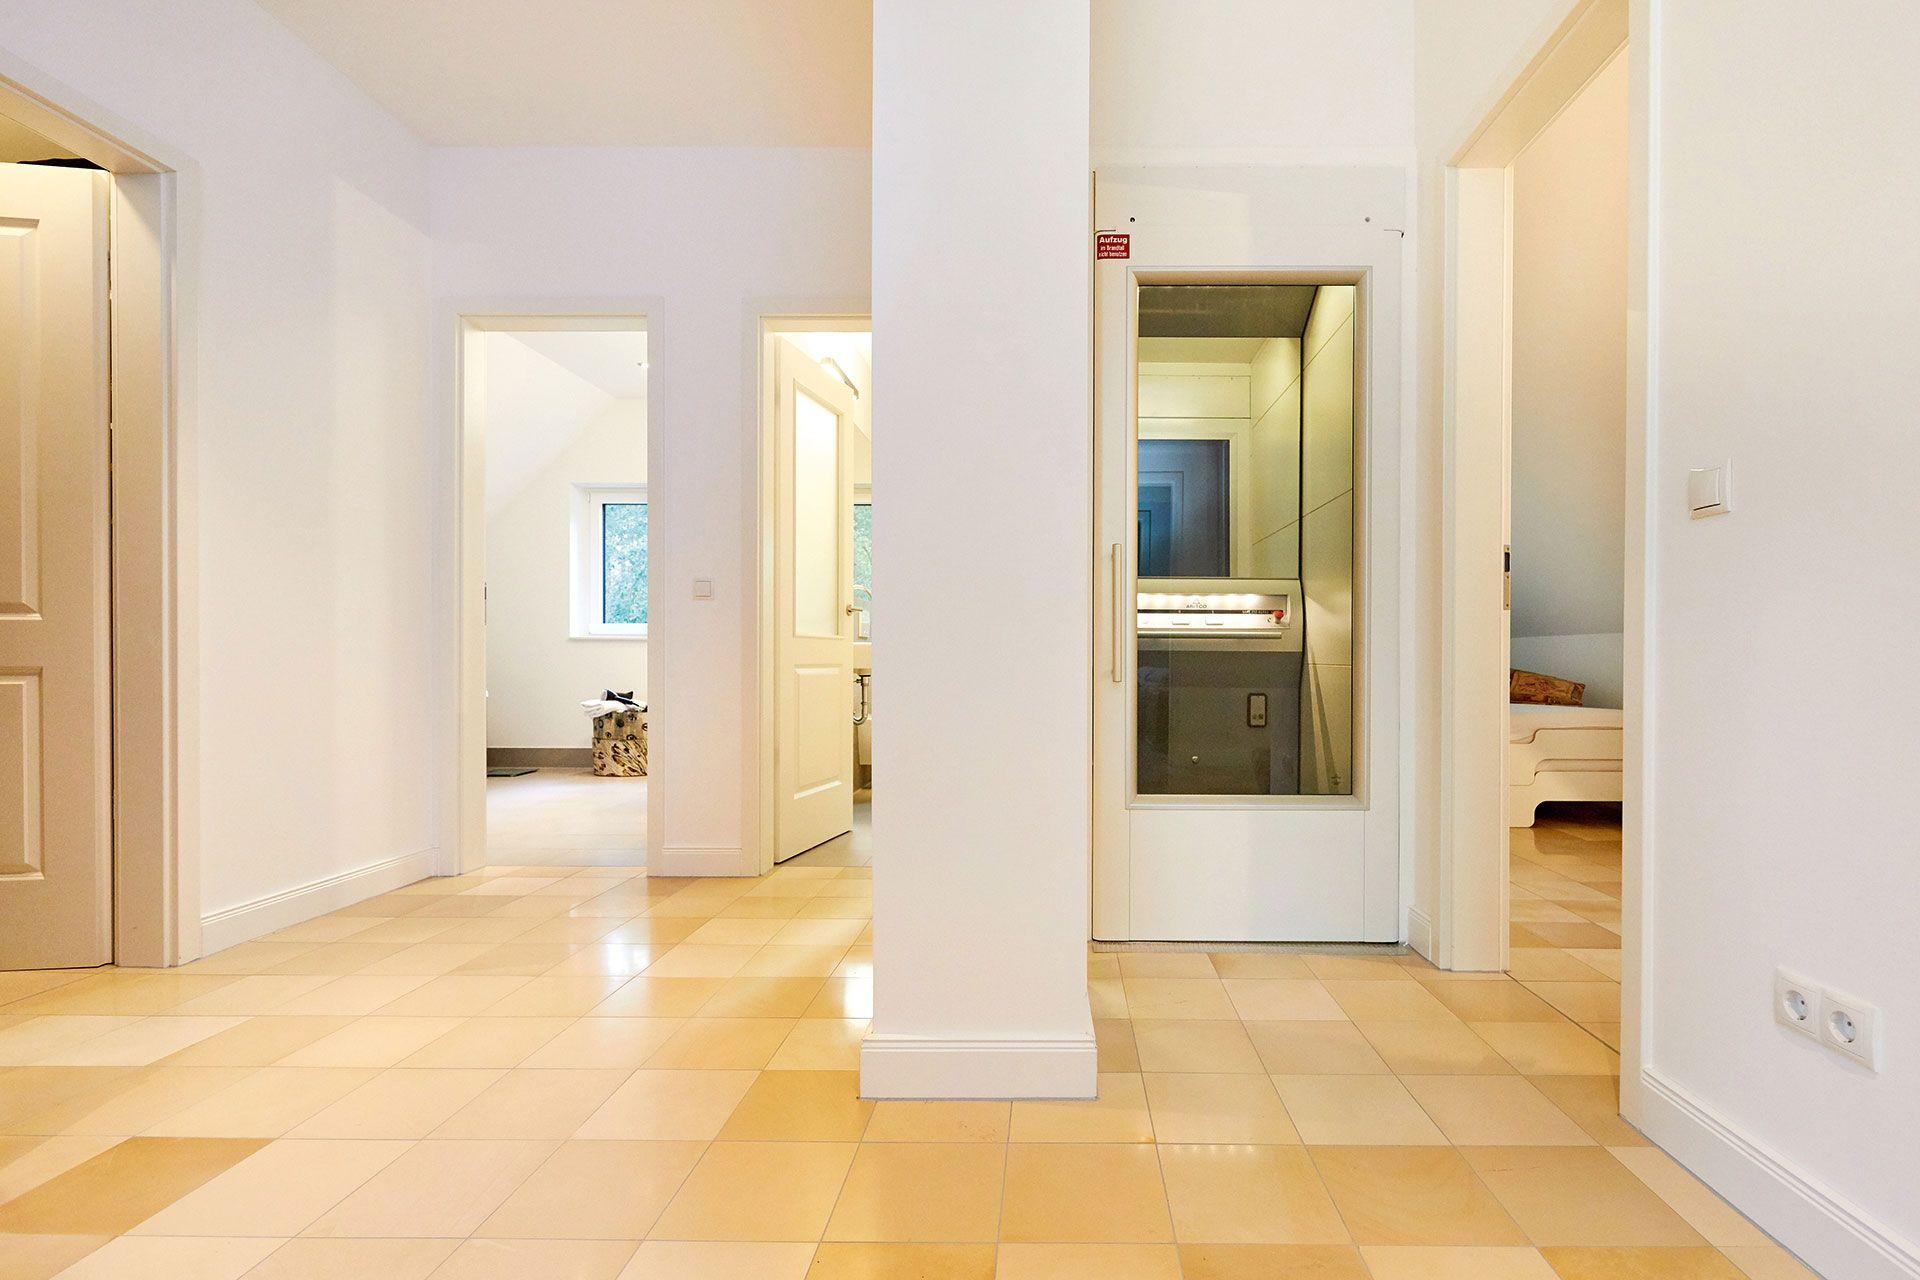 Fertighaus Modell Kaiserberg Exklusives Einfamilienhaus Mit Aufzug Gussek Haus Luxushaus Haus Einfamilienhaus